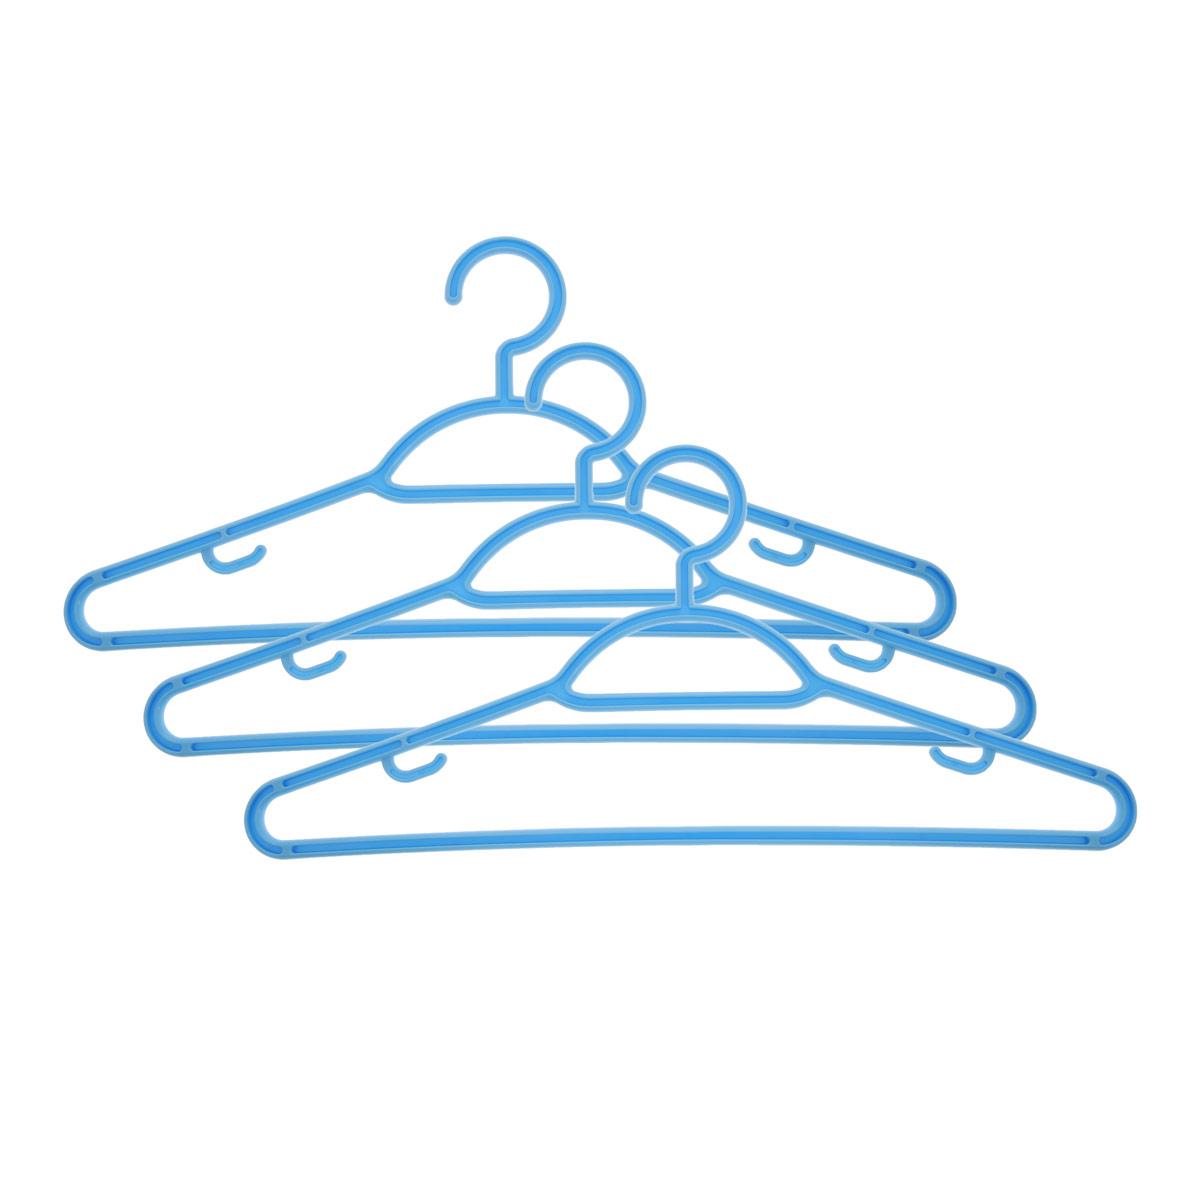 Набор вешалок Econova, с перекладиной, с крючками, цвет: голубой, размер 48, 3 шт. С12356С12356Набор Econova выполненный из прочного пластика, состоит из 3 вешалок.Каждое изделие оснащено перекладиной и боковыми крючками. Вешалка - это незаменимая вещь для того, чтобы ваша одежда всегда оставалась в хорошем состоянии.Комплектация: 3 шт.Размер одежды: 48.